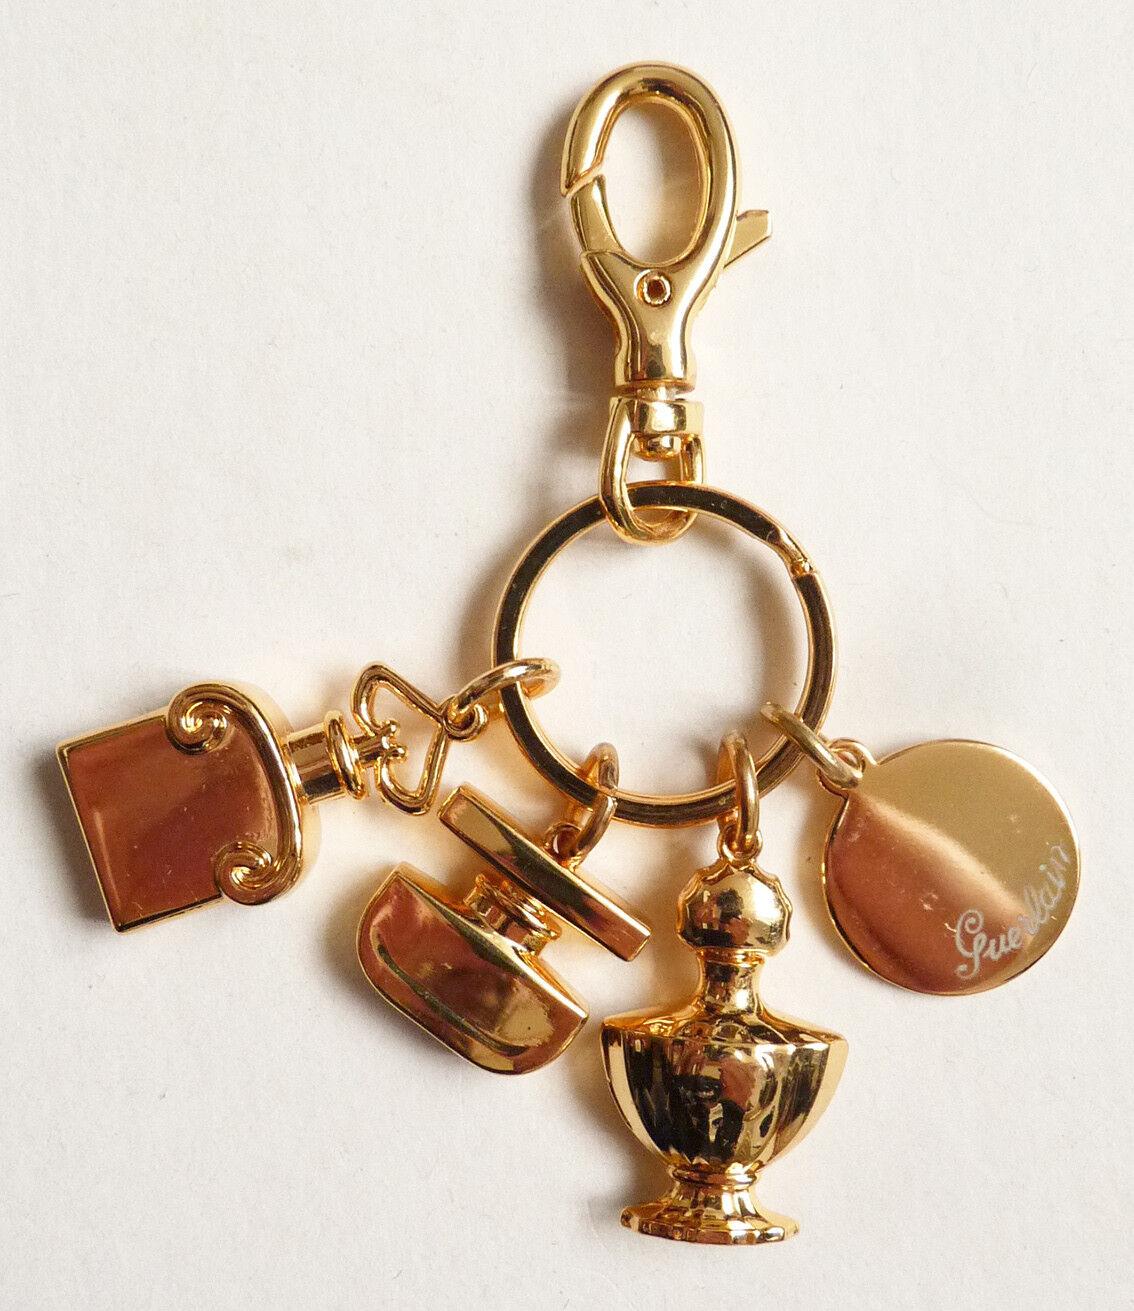 Porte clés GUERLAIN avec breloques en métal doré bijou